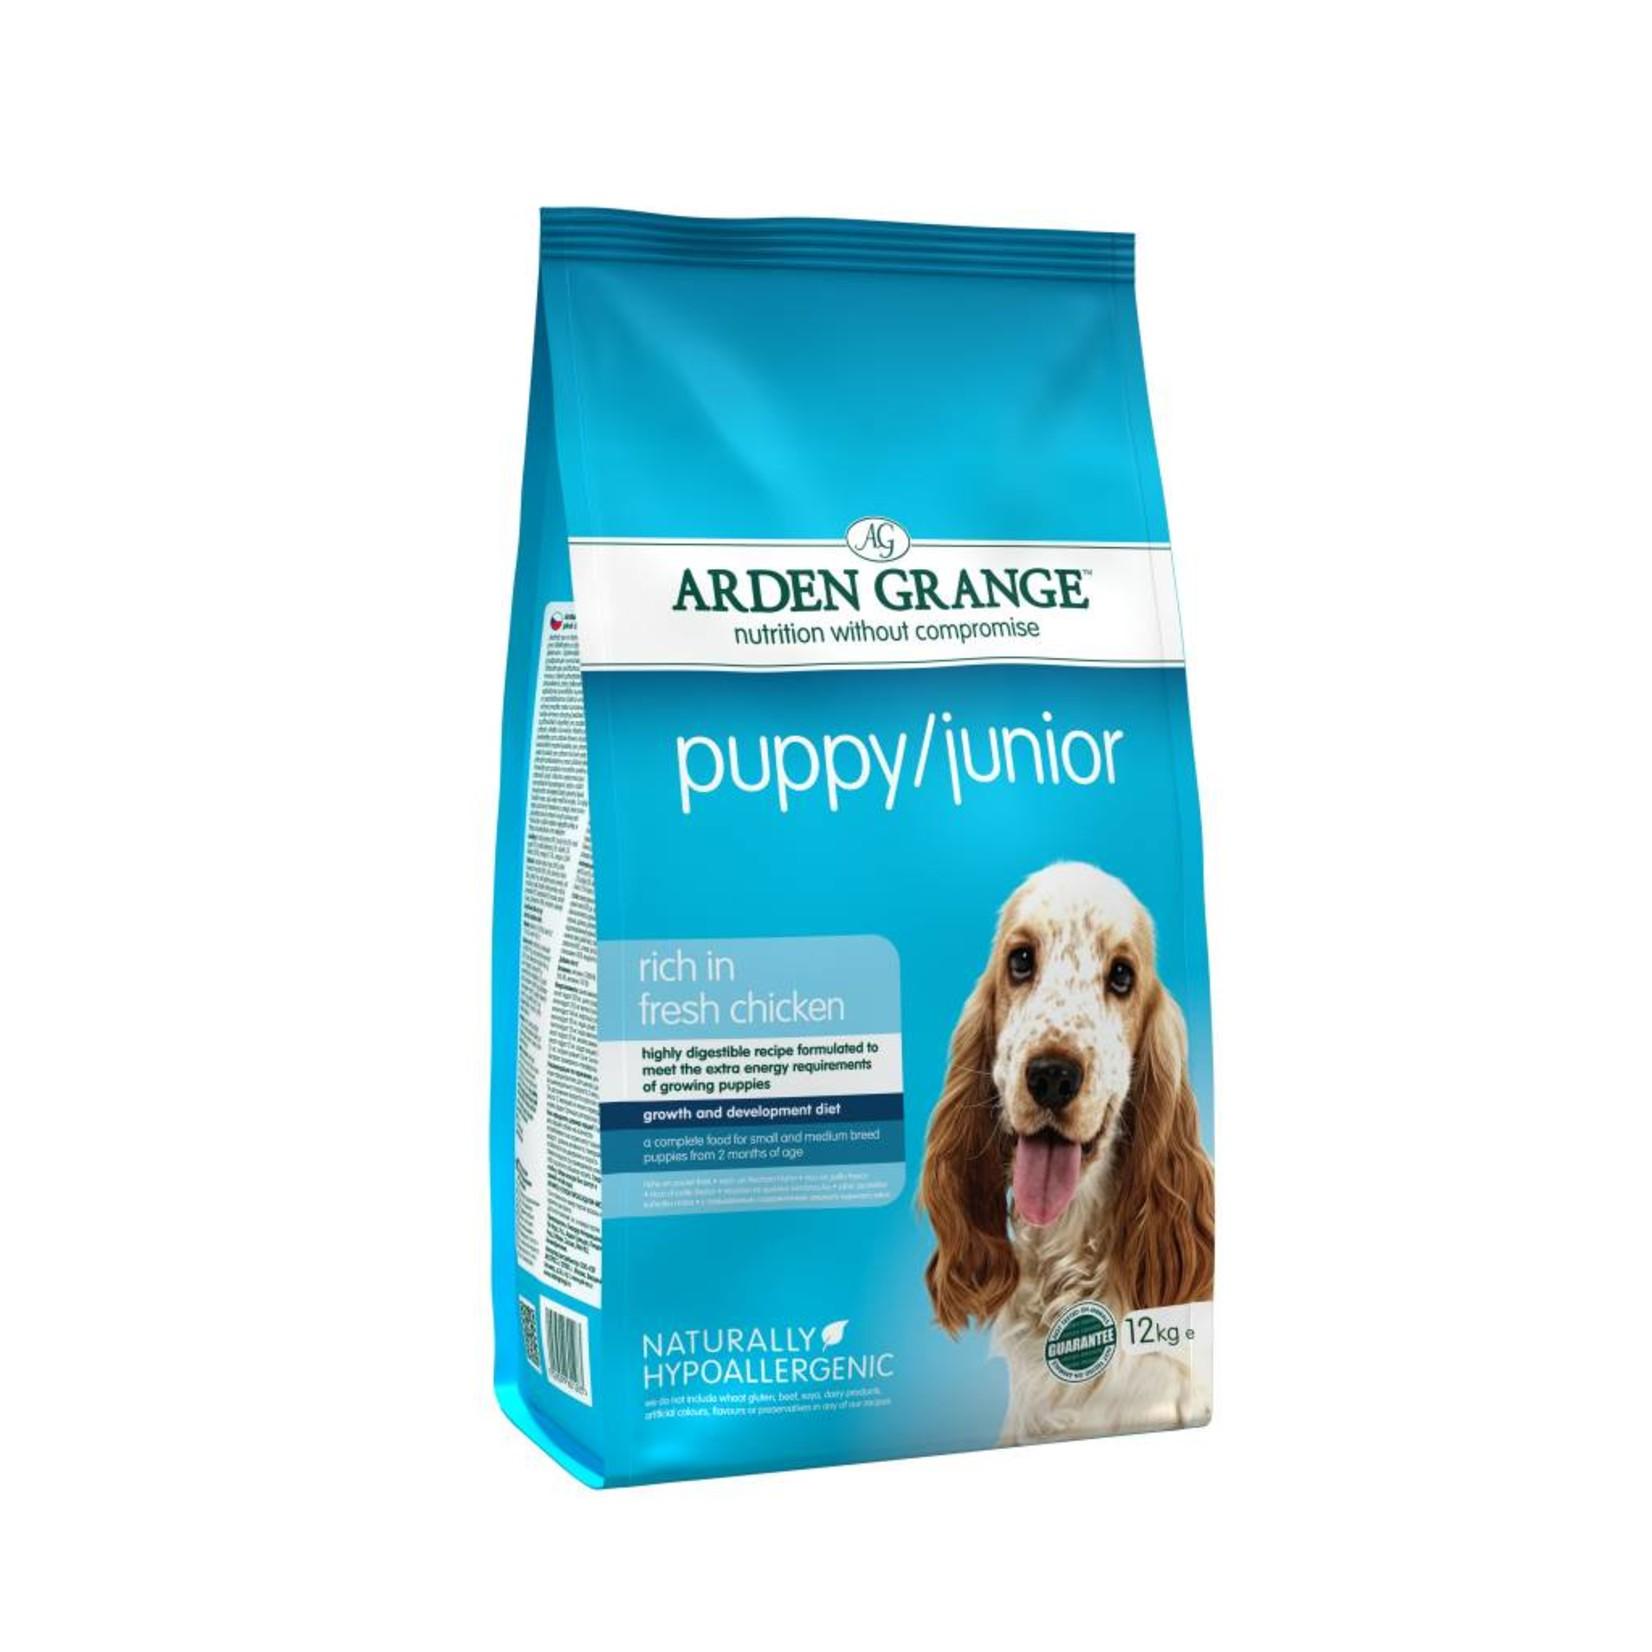 Arden Grange Puppy & Junior Dog Dry Food, Chicken & Rice